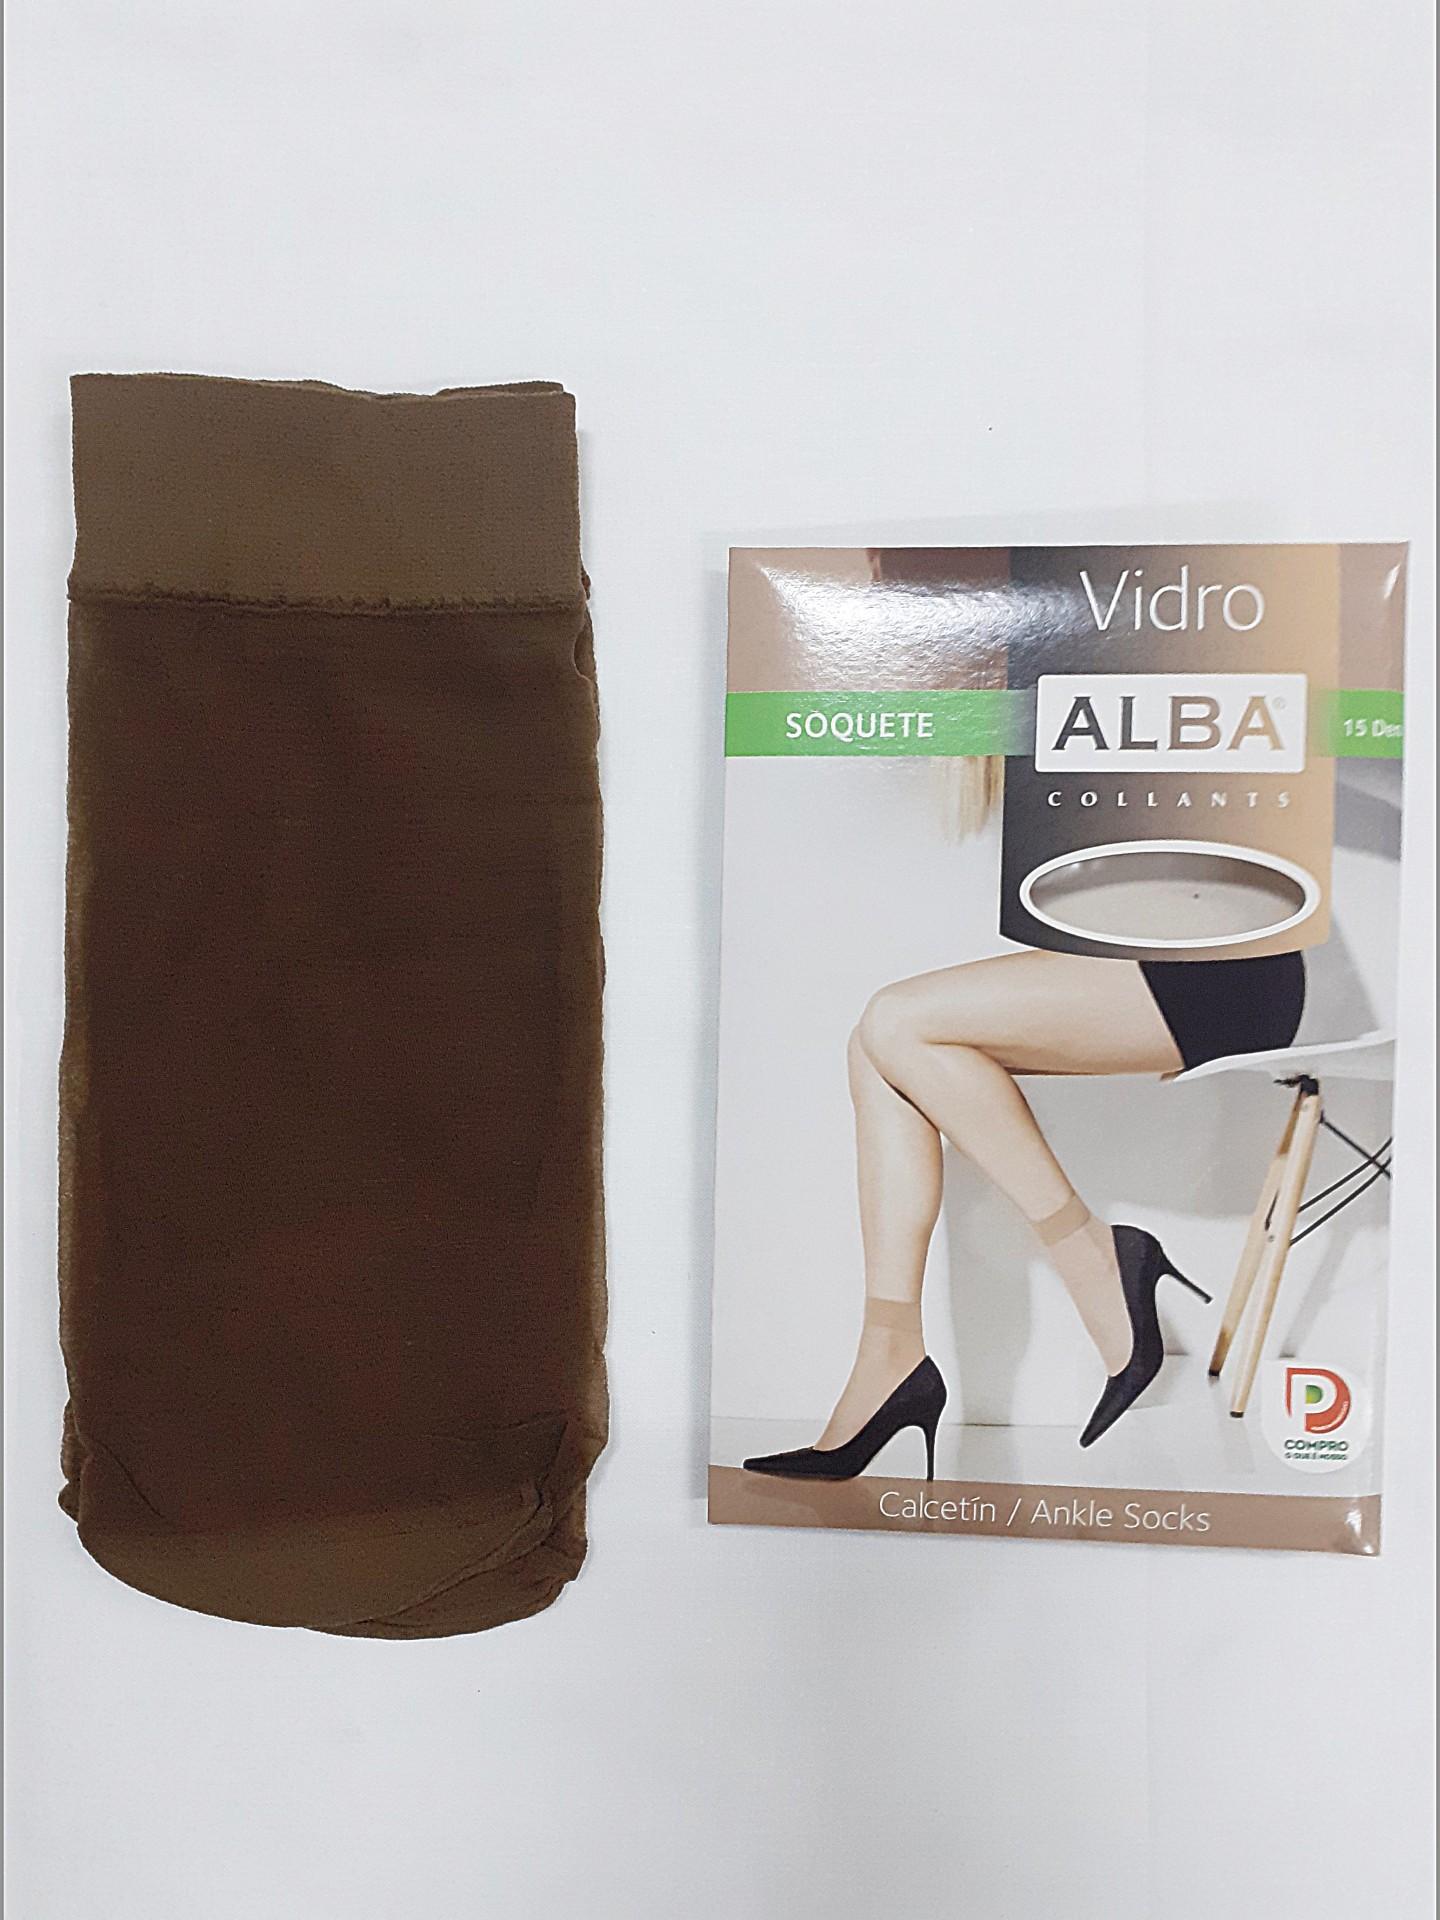 Soquete Vidro Alba